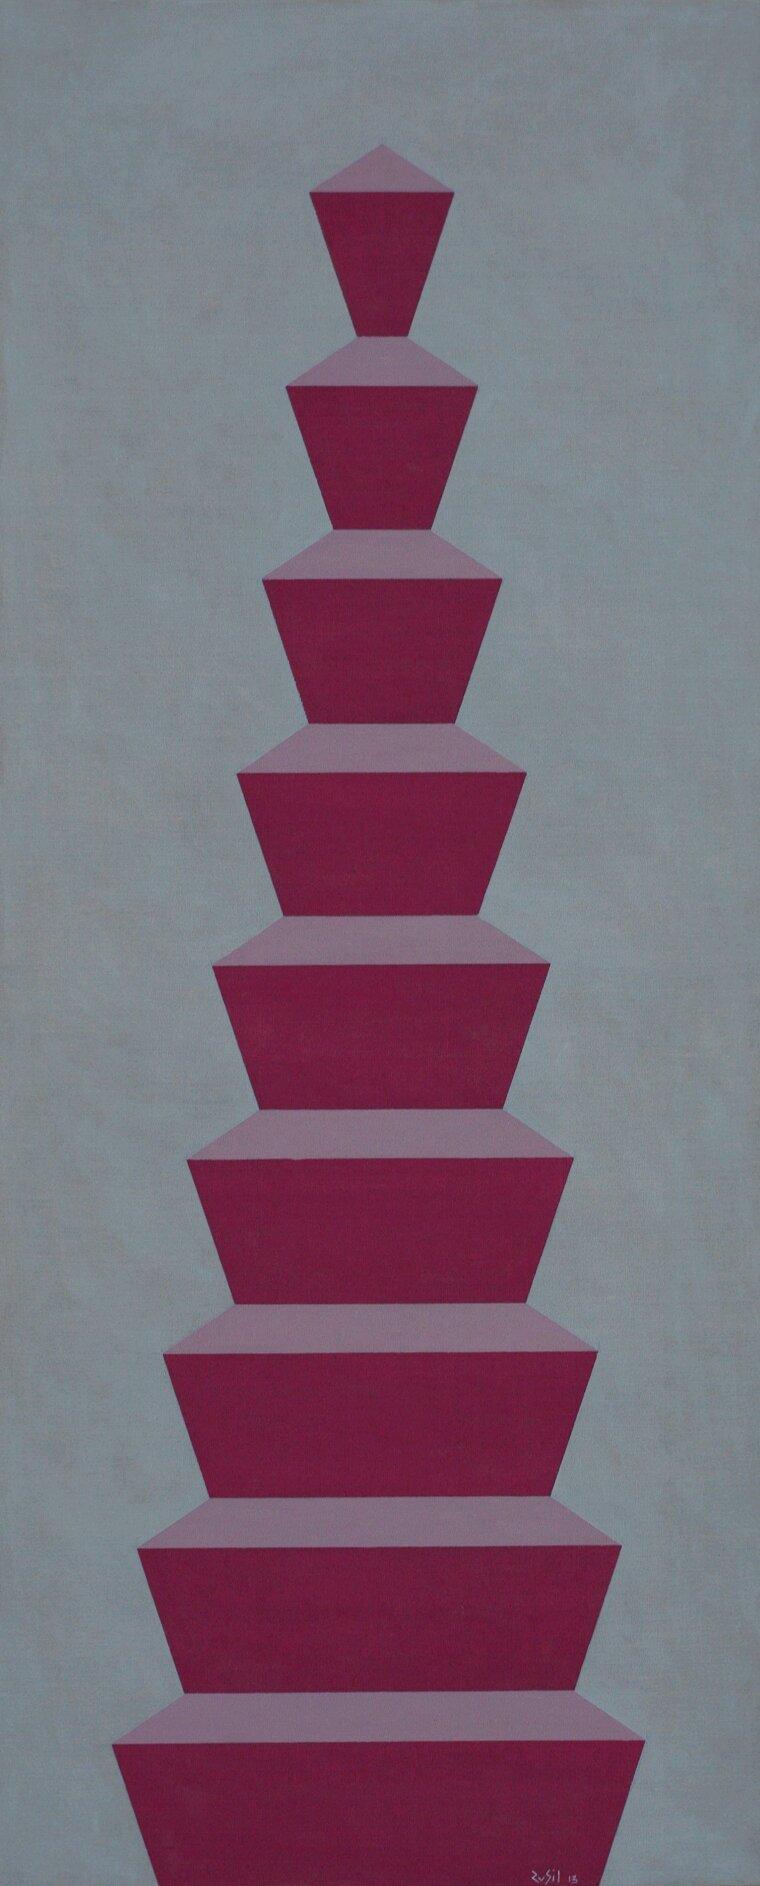 La colonna compiuta - 2013 - olio su tela - 117x48